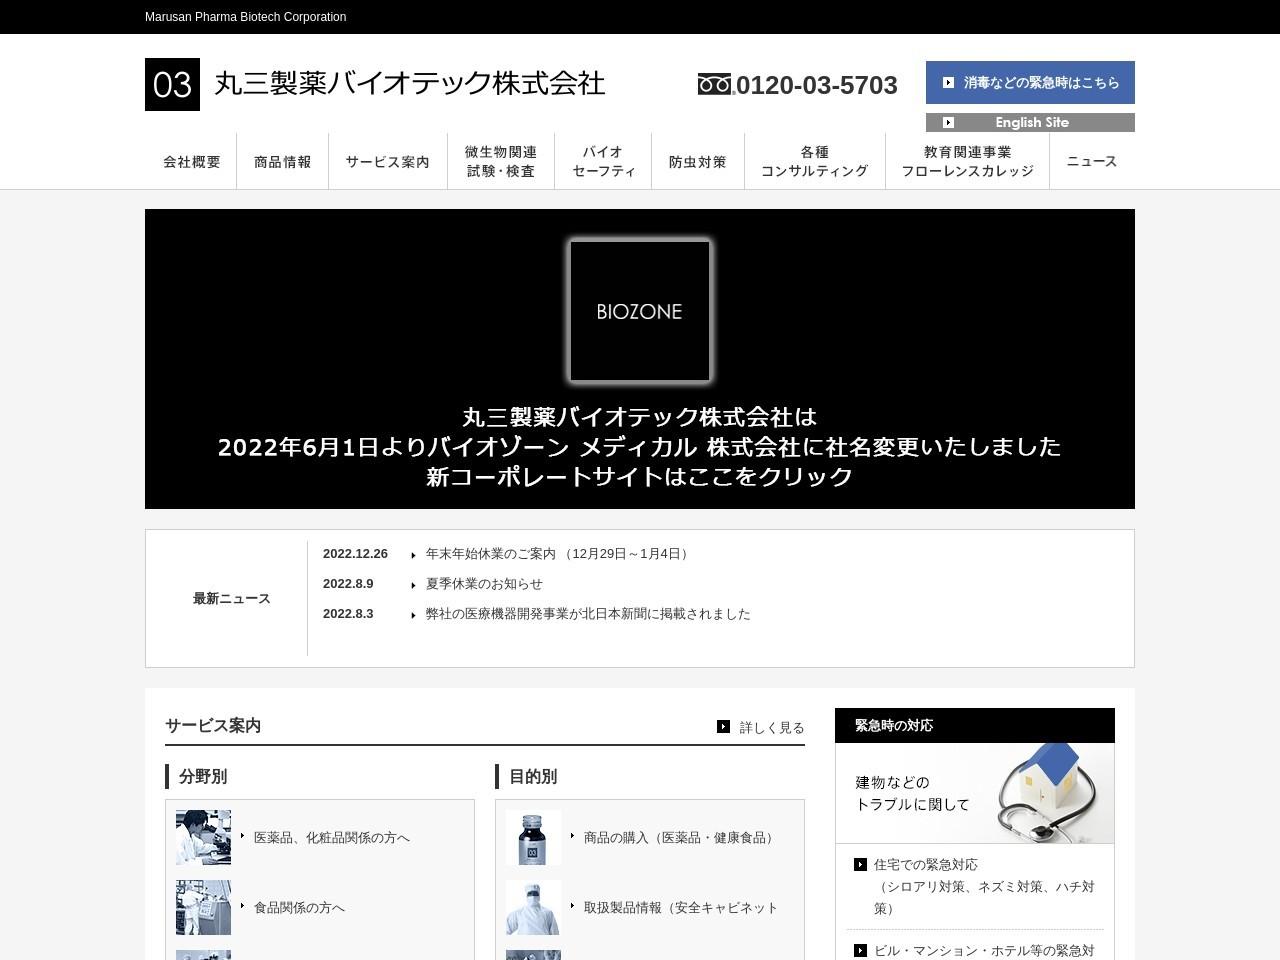 丸三製薬バイオテック株式会社福井支店